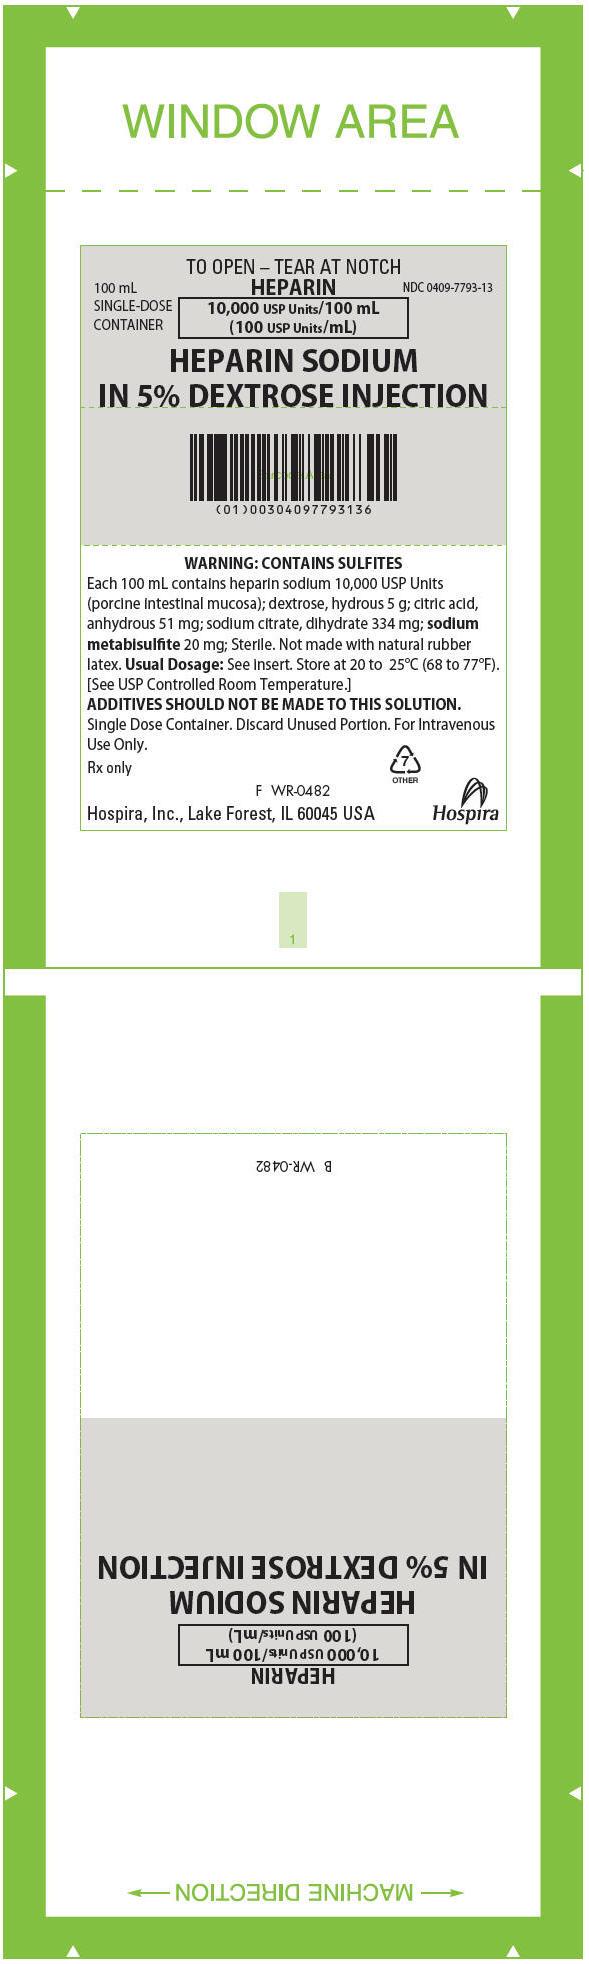 PRINCIPAL DISPLAY PANEL - 100 mL Bag Label - WR-0482